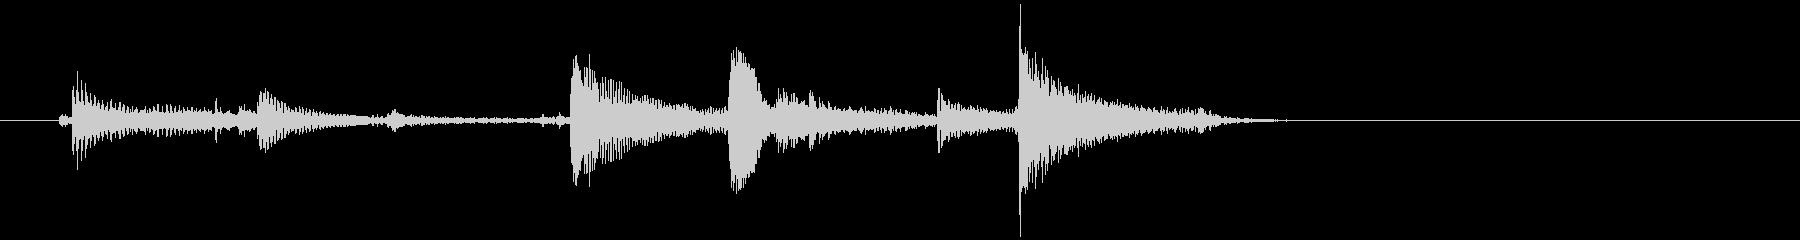 生音 三味線 ショートフレーズの未再生の波形